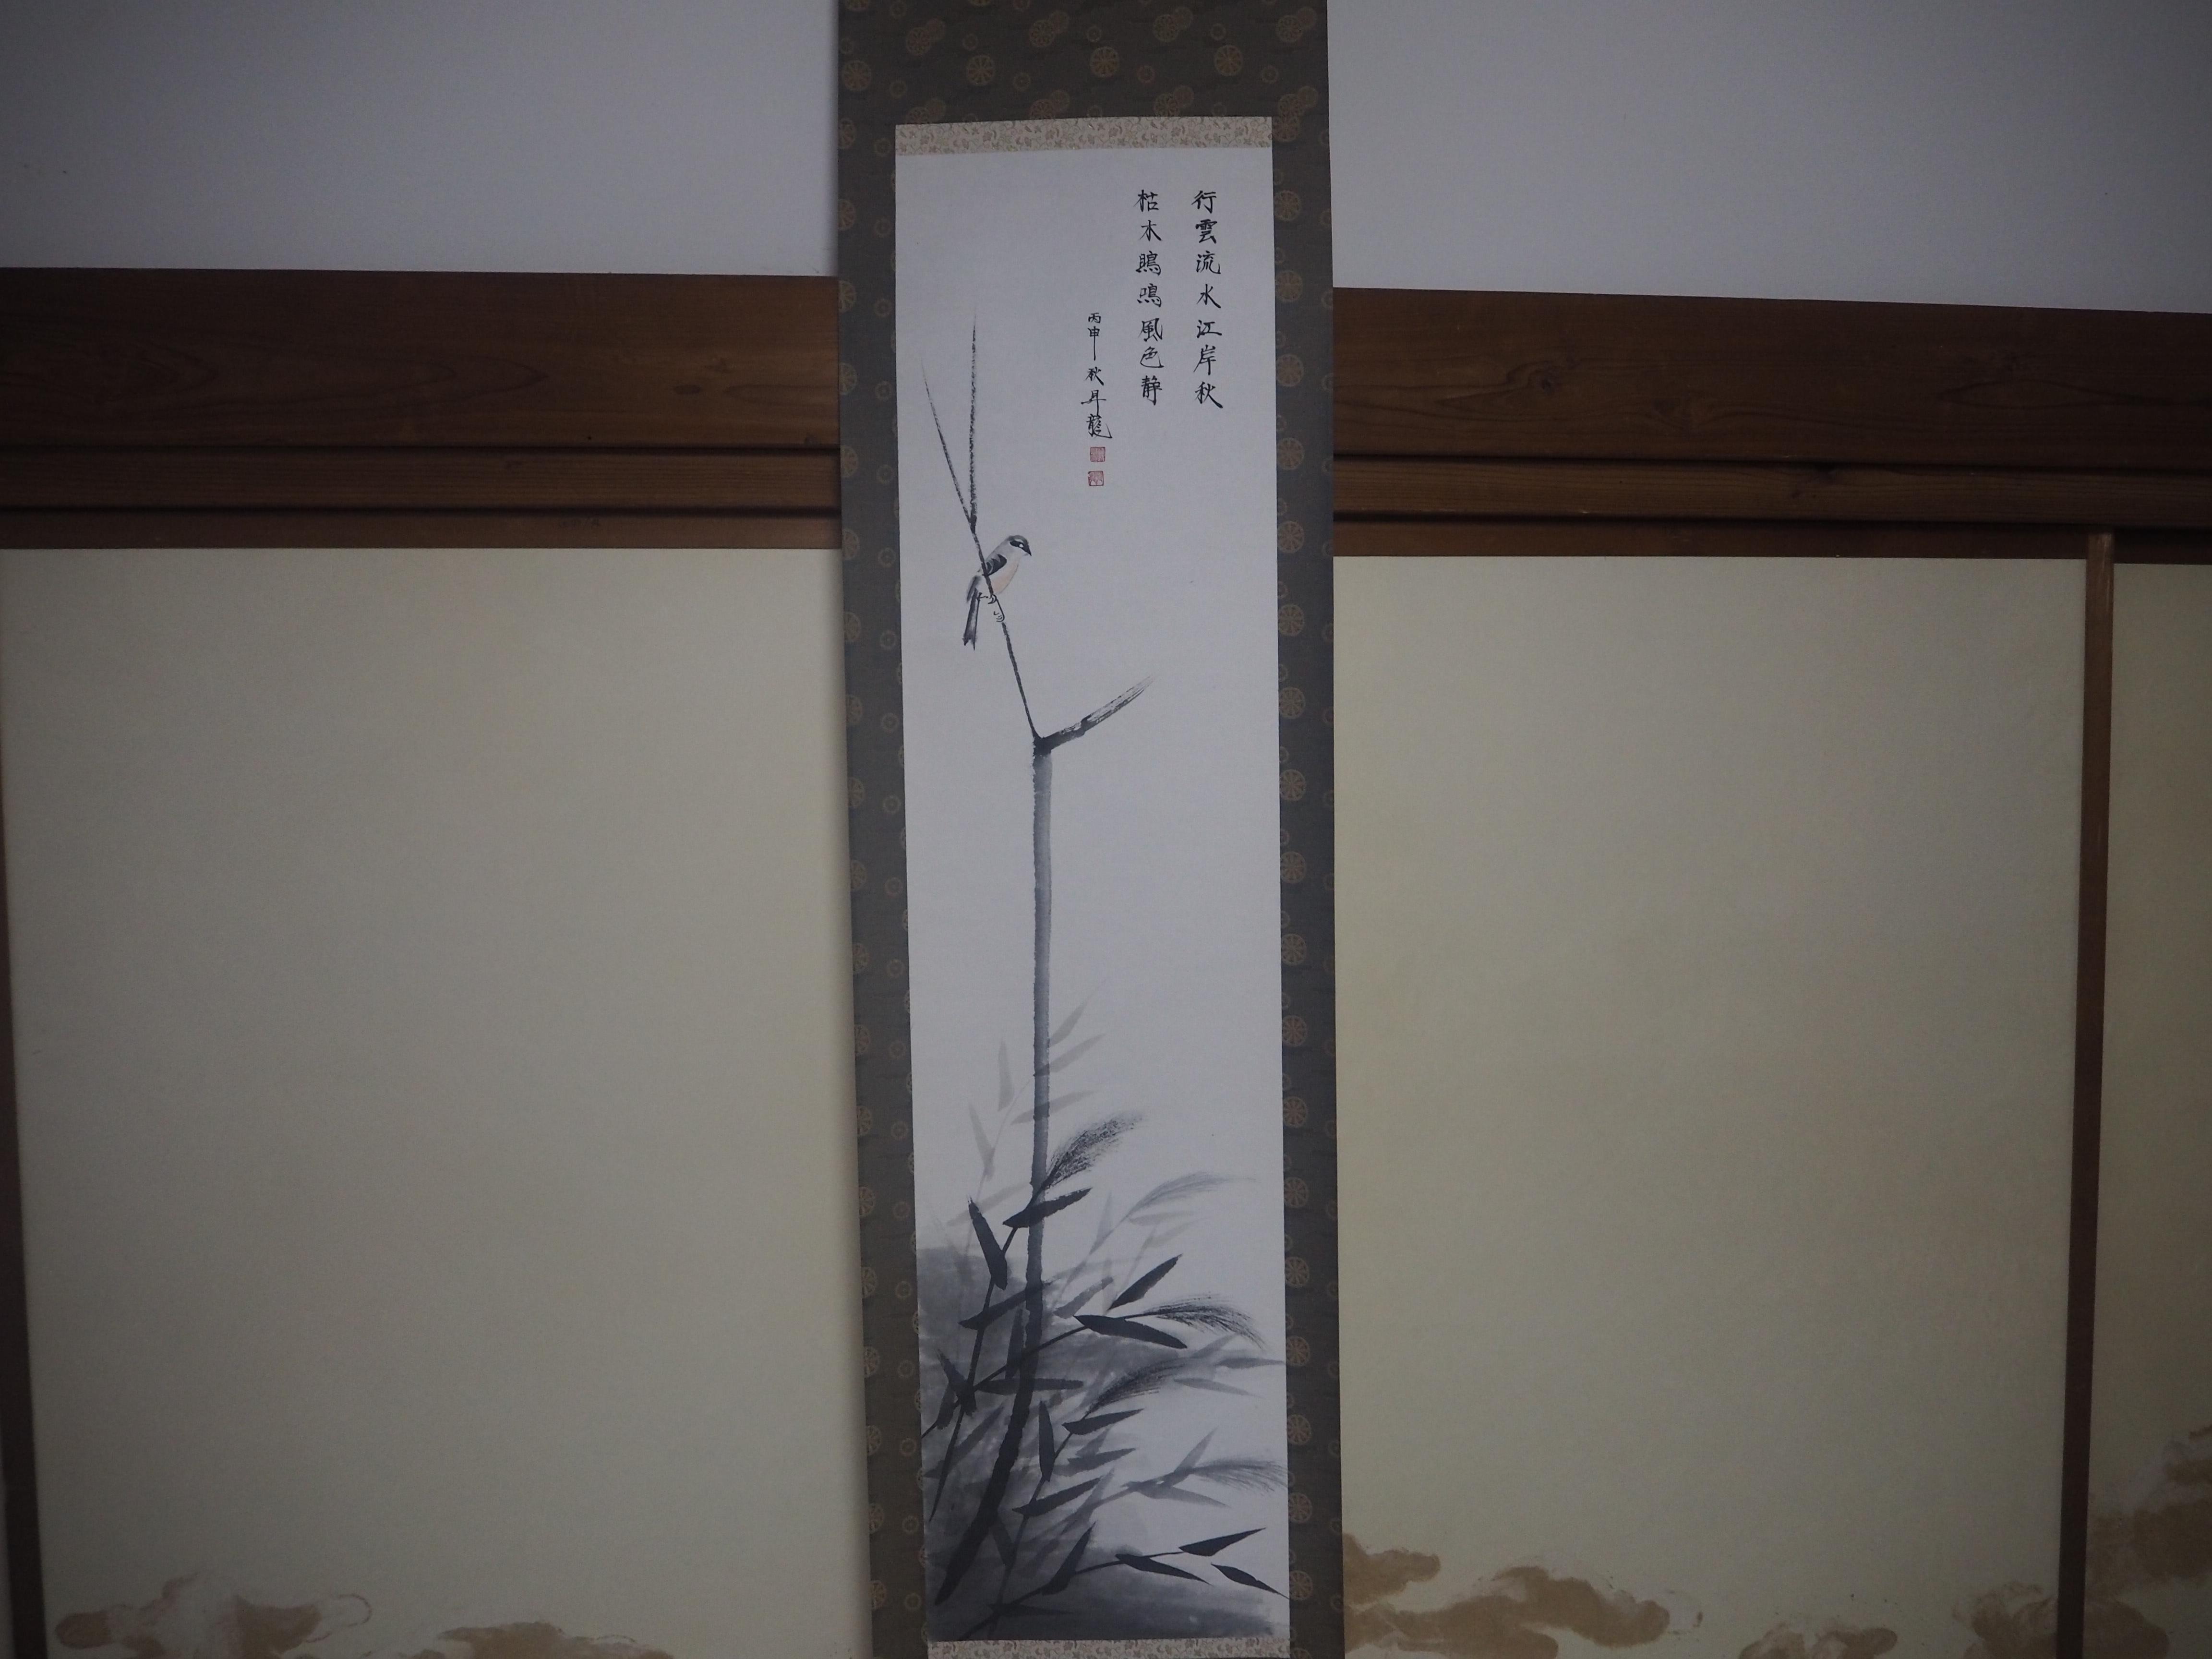 現住職作成の掛軸③:枯木にモズ